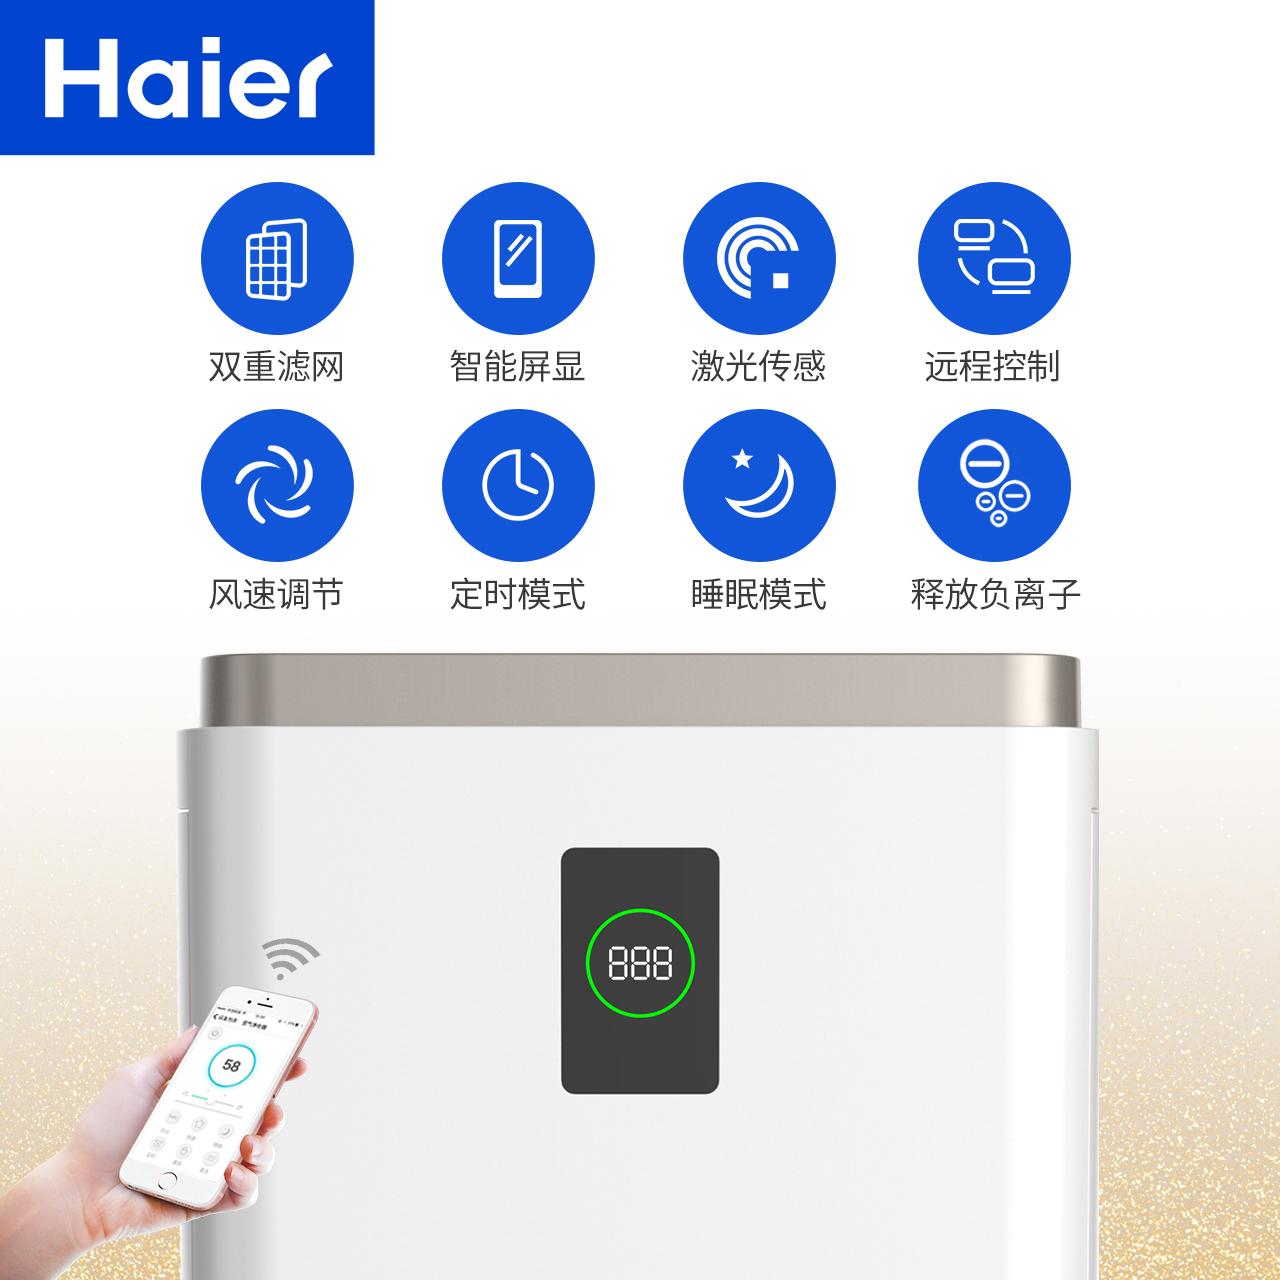 海尔 空气净化器家用智能去除甲醛二手烟雾霾氧吧商用别墅客厅